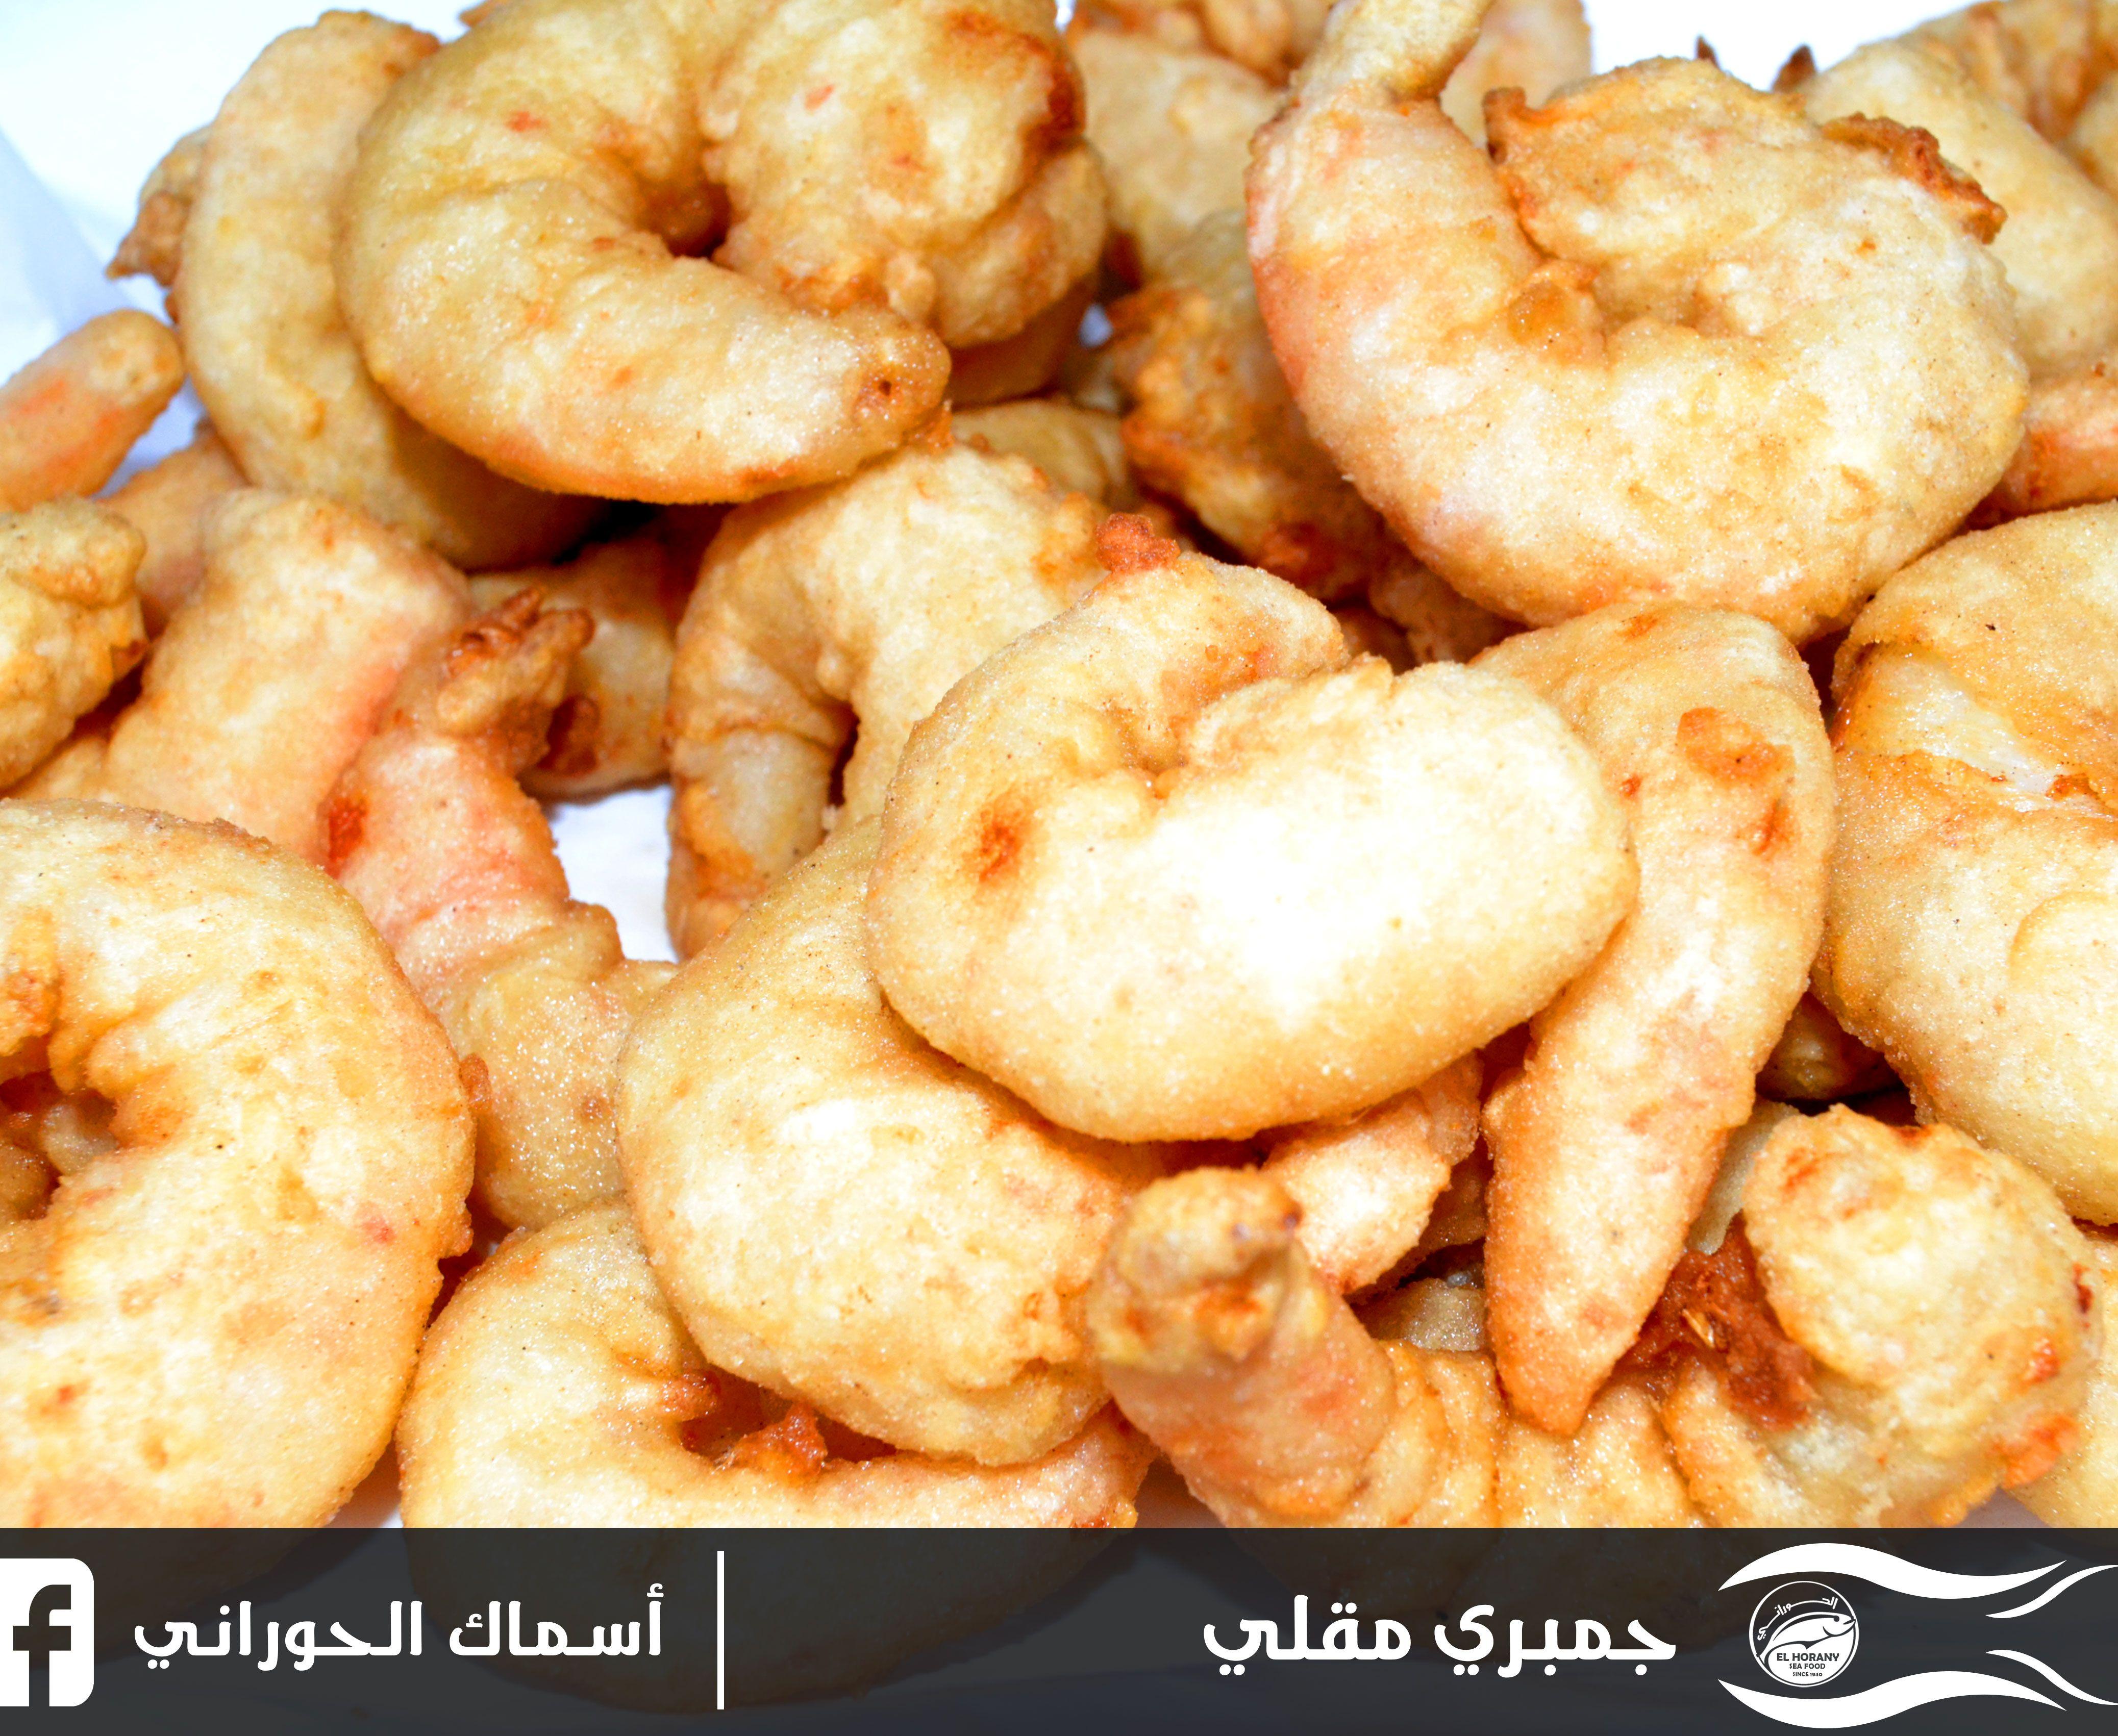 جمبري مقلي Food Meat Shrimp